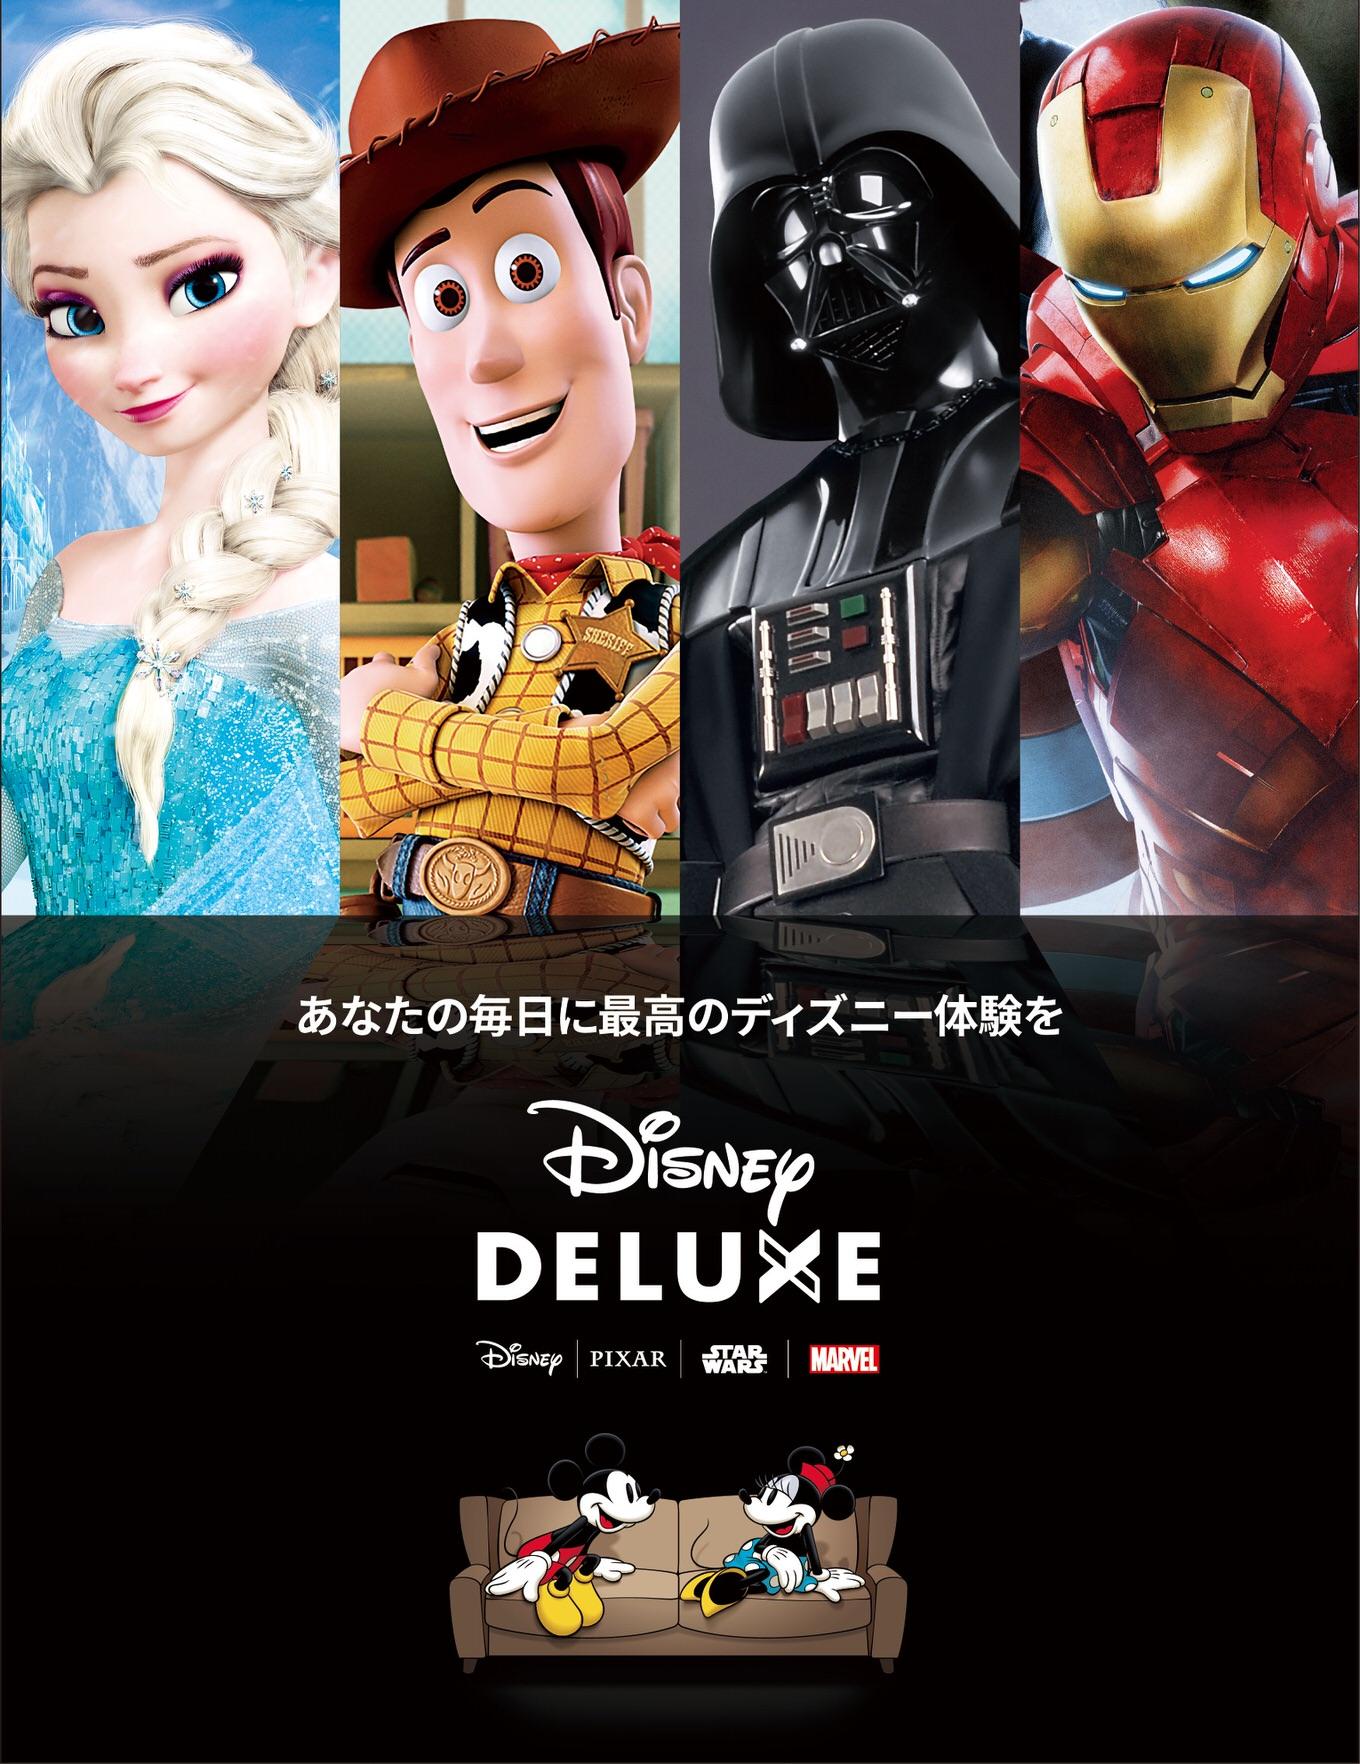 ディズニーが定額動画配信サービス!月額700円でディズニー、ピクサー、スター・ウォーズ、マーベルが見放題